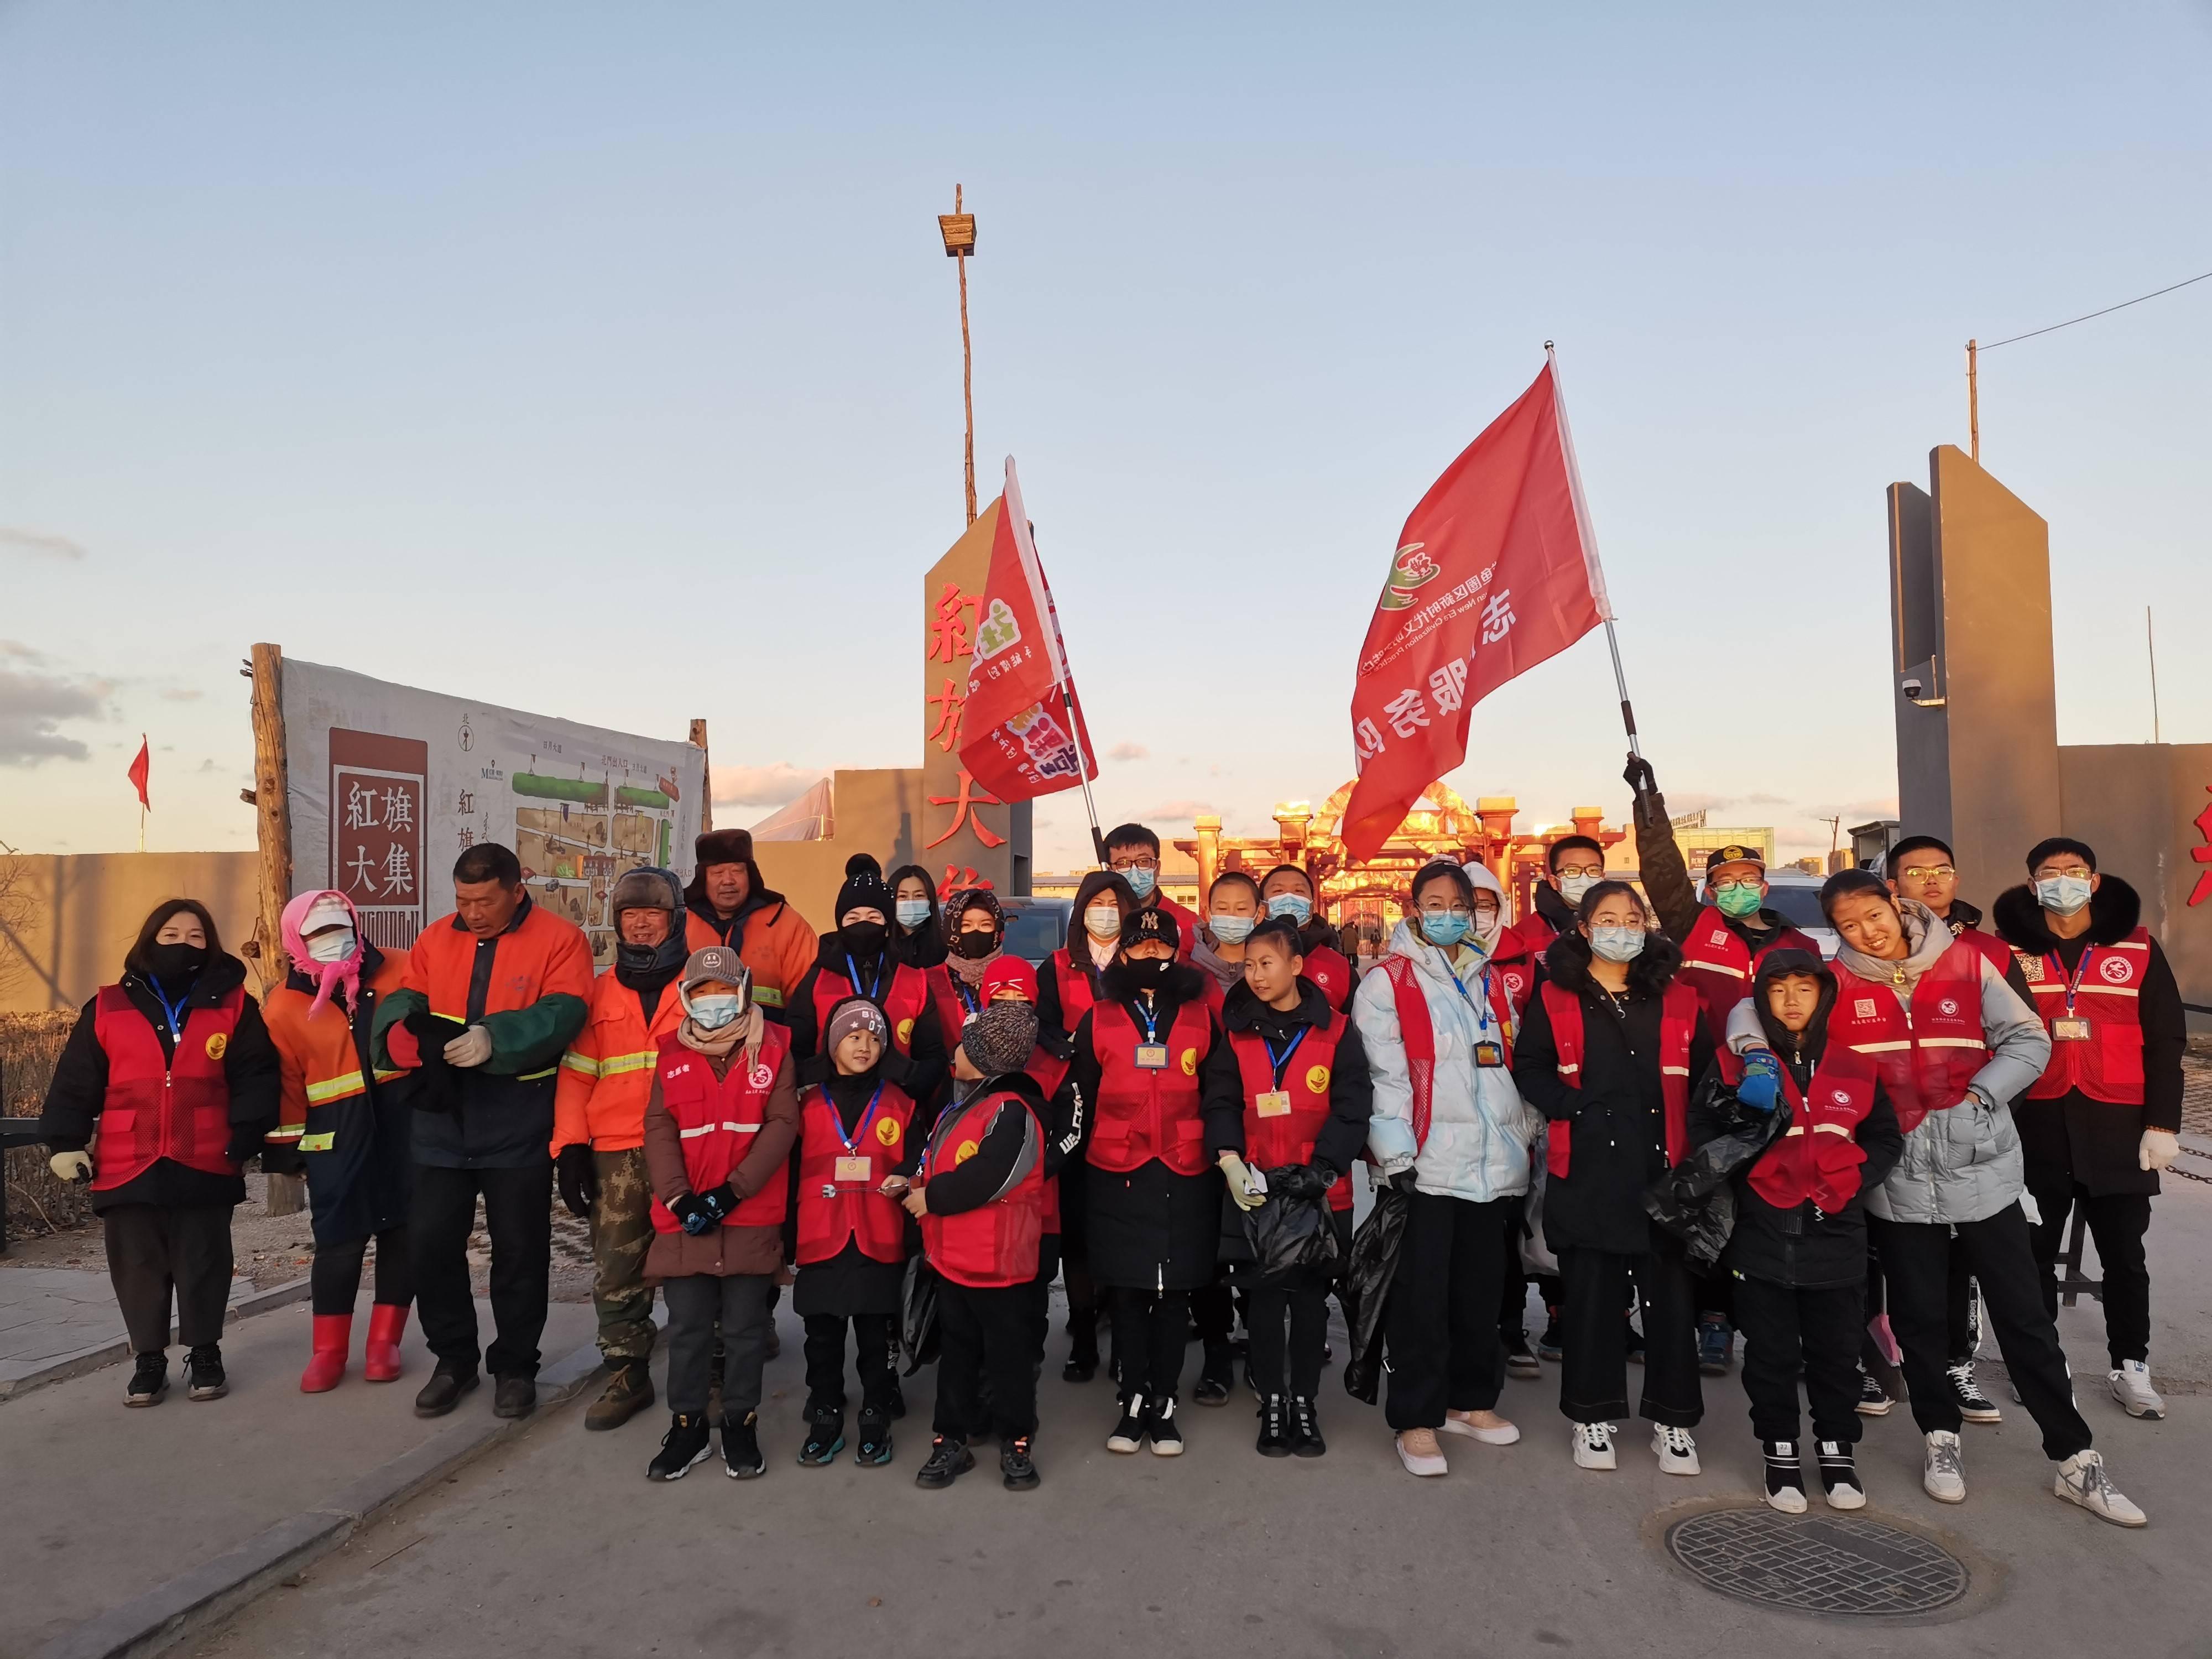 鲅鱼圈区青少年志愿服务队冬日早晨体验环卫工工作